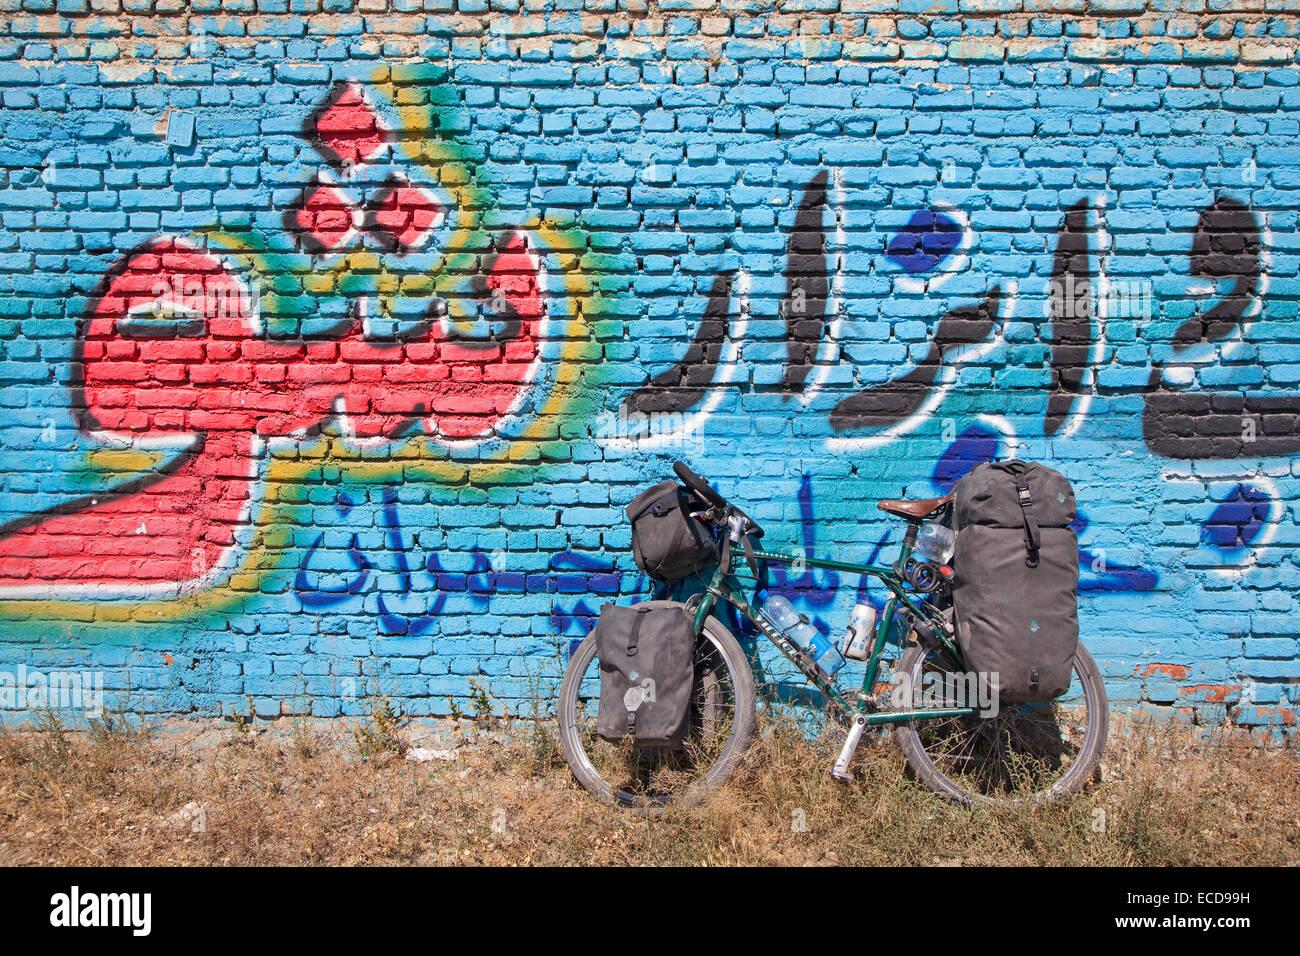 Vélos de cyclotourisme équipés de bouteilles d'eau dans les cages, les sacoches de guidon et Photo Stock